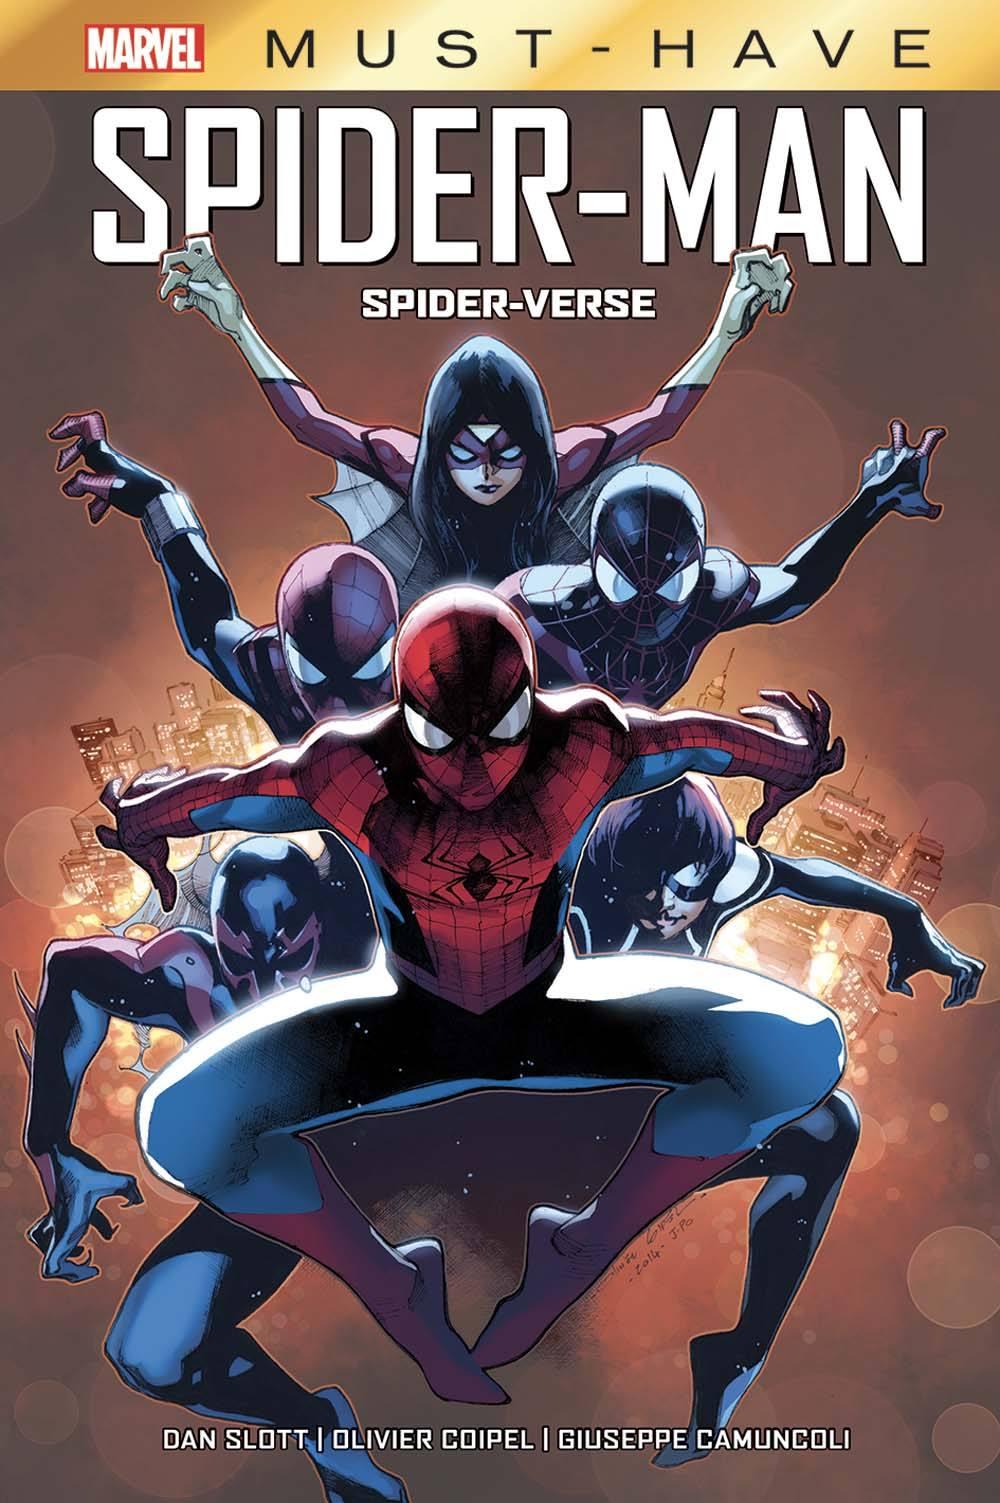 SPIDER-MAN : SPIDER-VERSE (MUST HAVE)